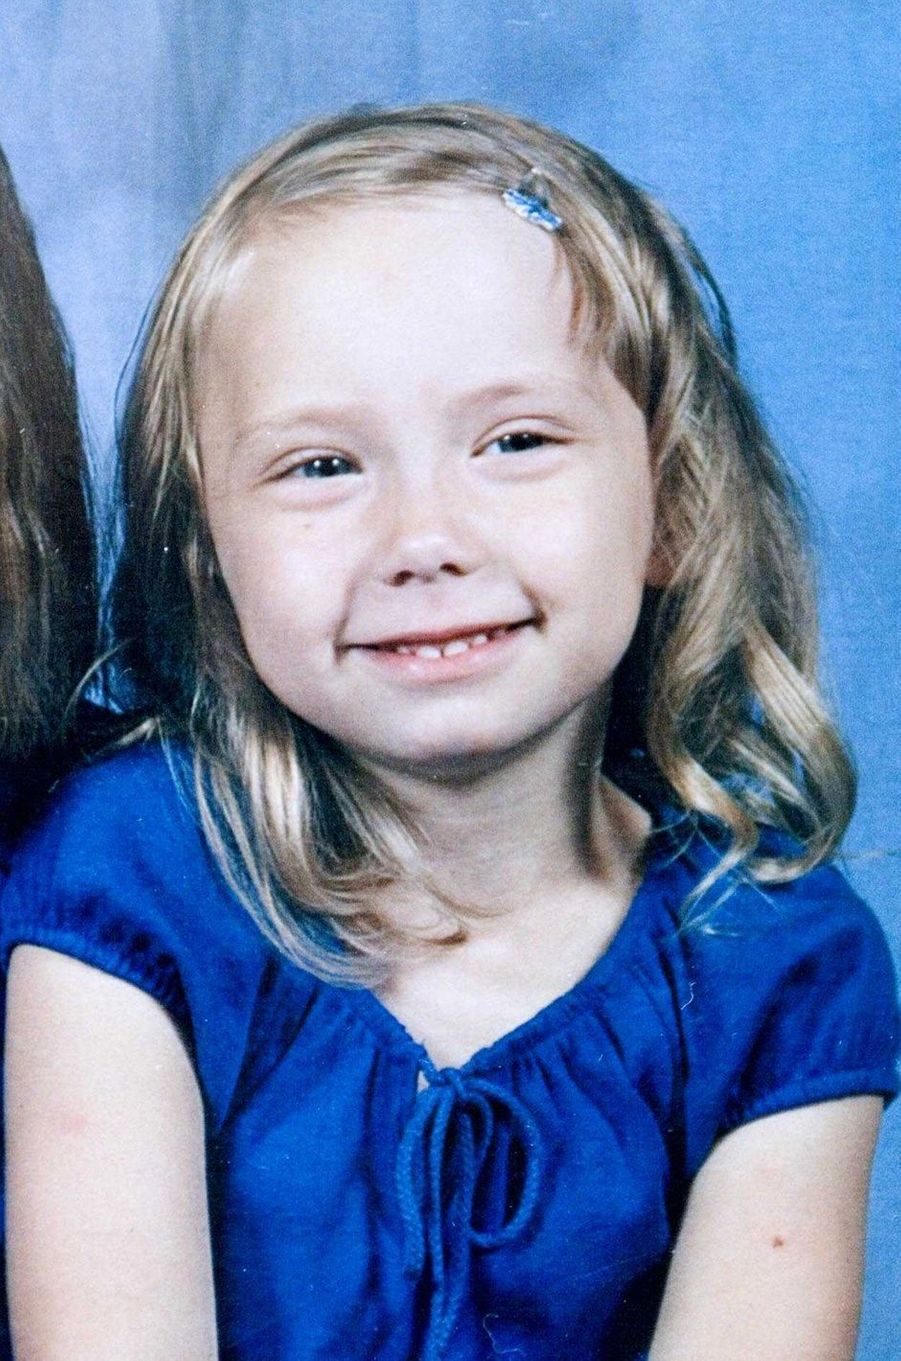 Hailie en 2000.